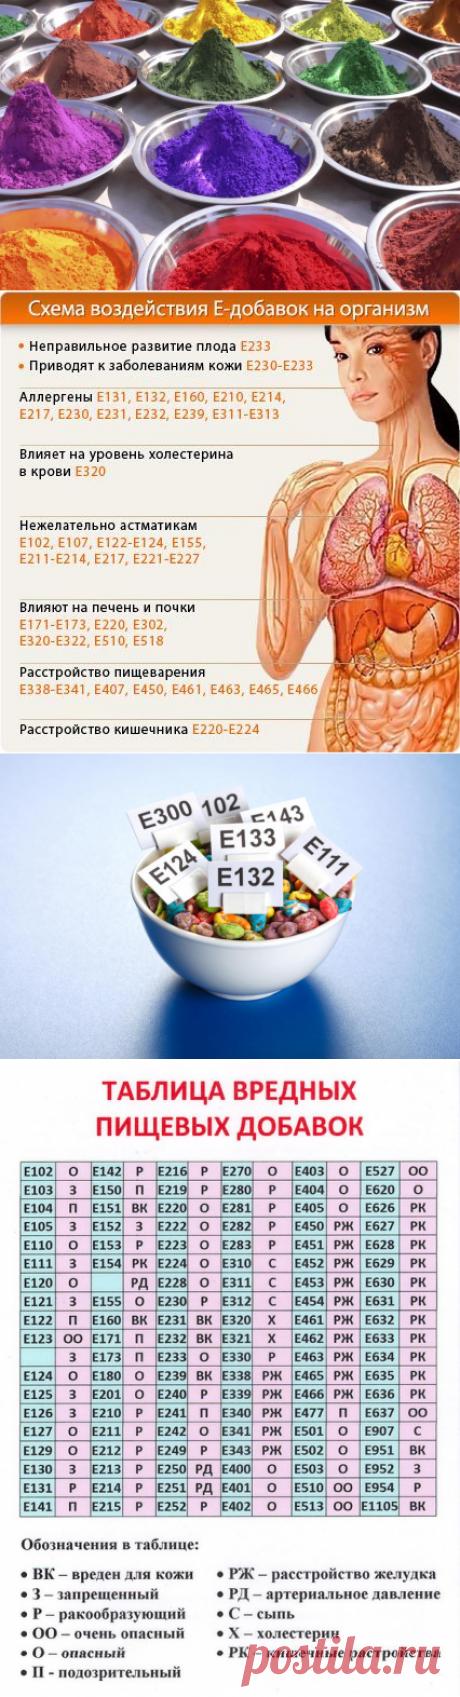 Вредные Е-добавки: как они влияют на здоровье человека? Список самых опасных добавок